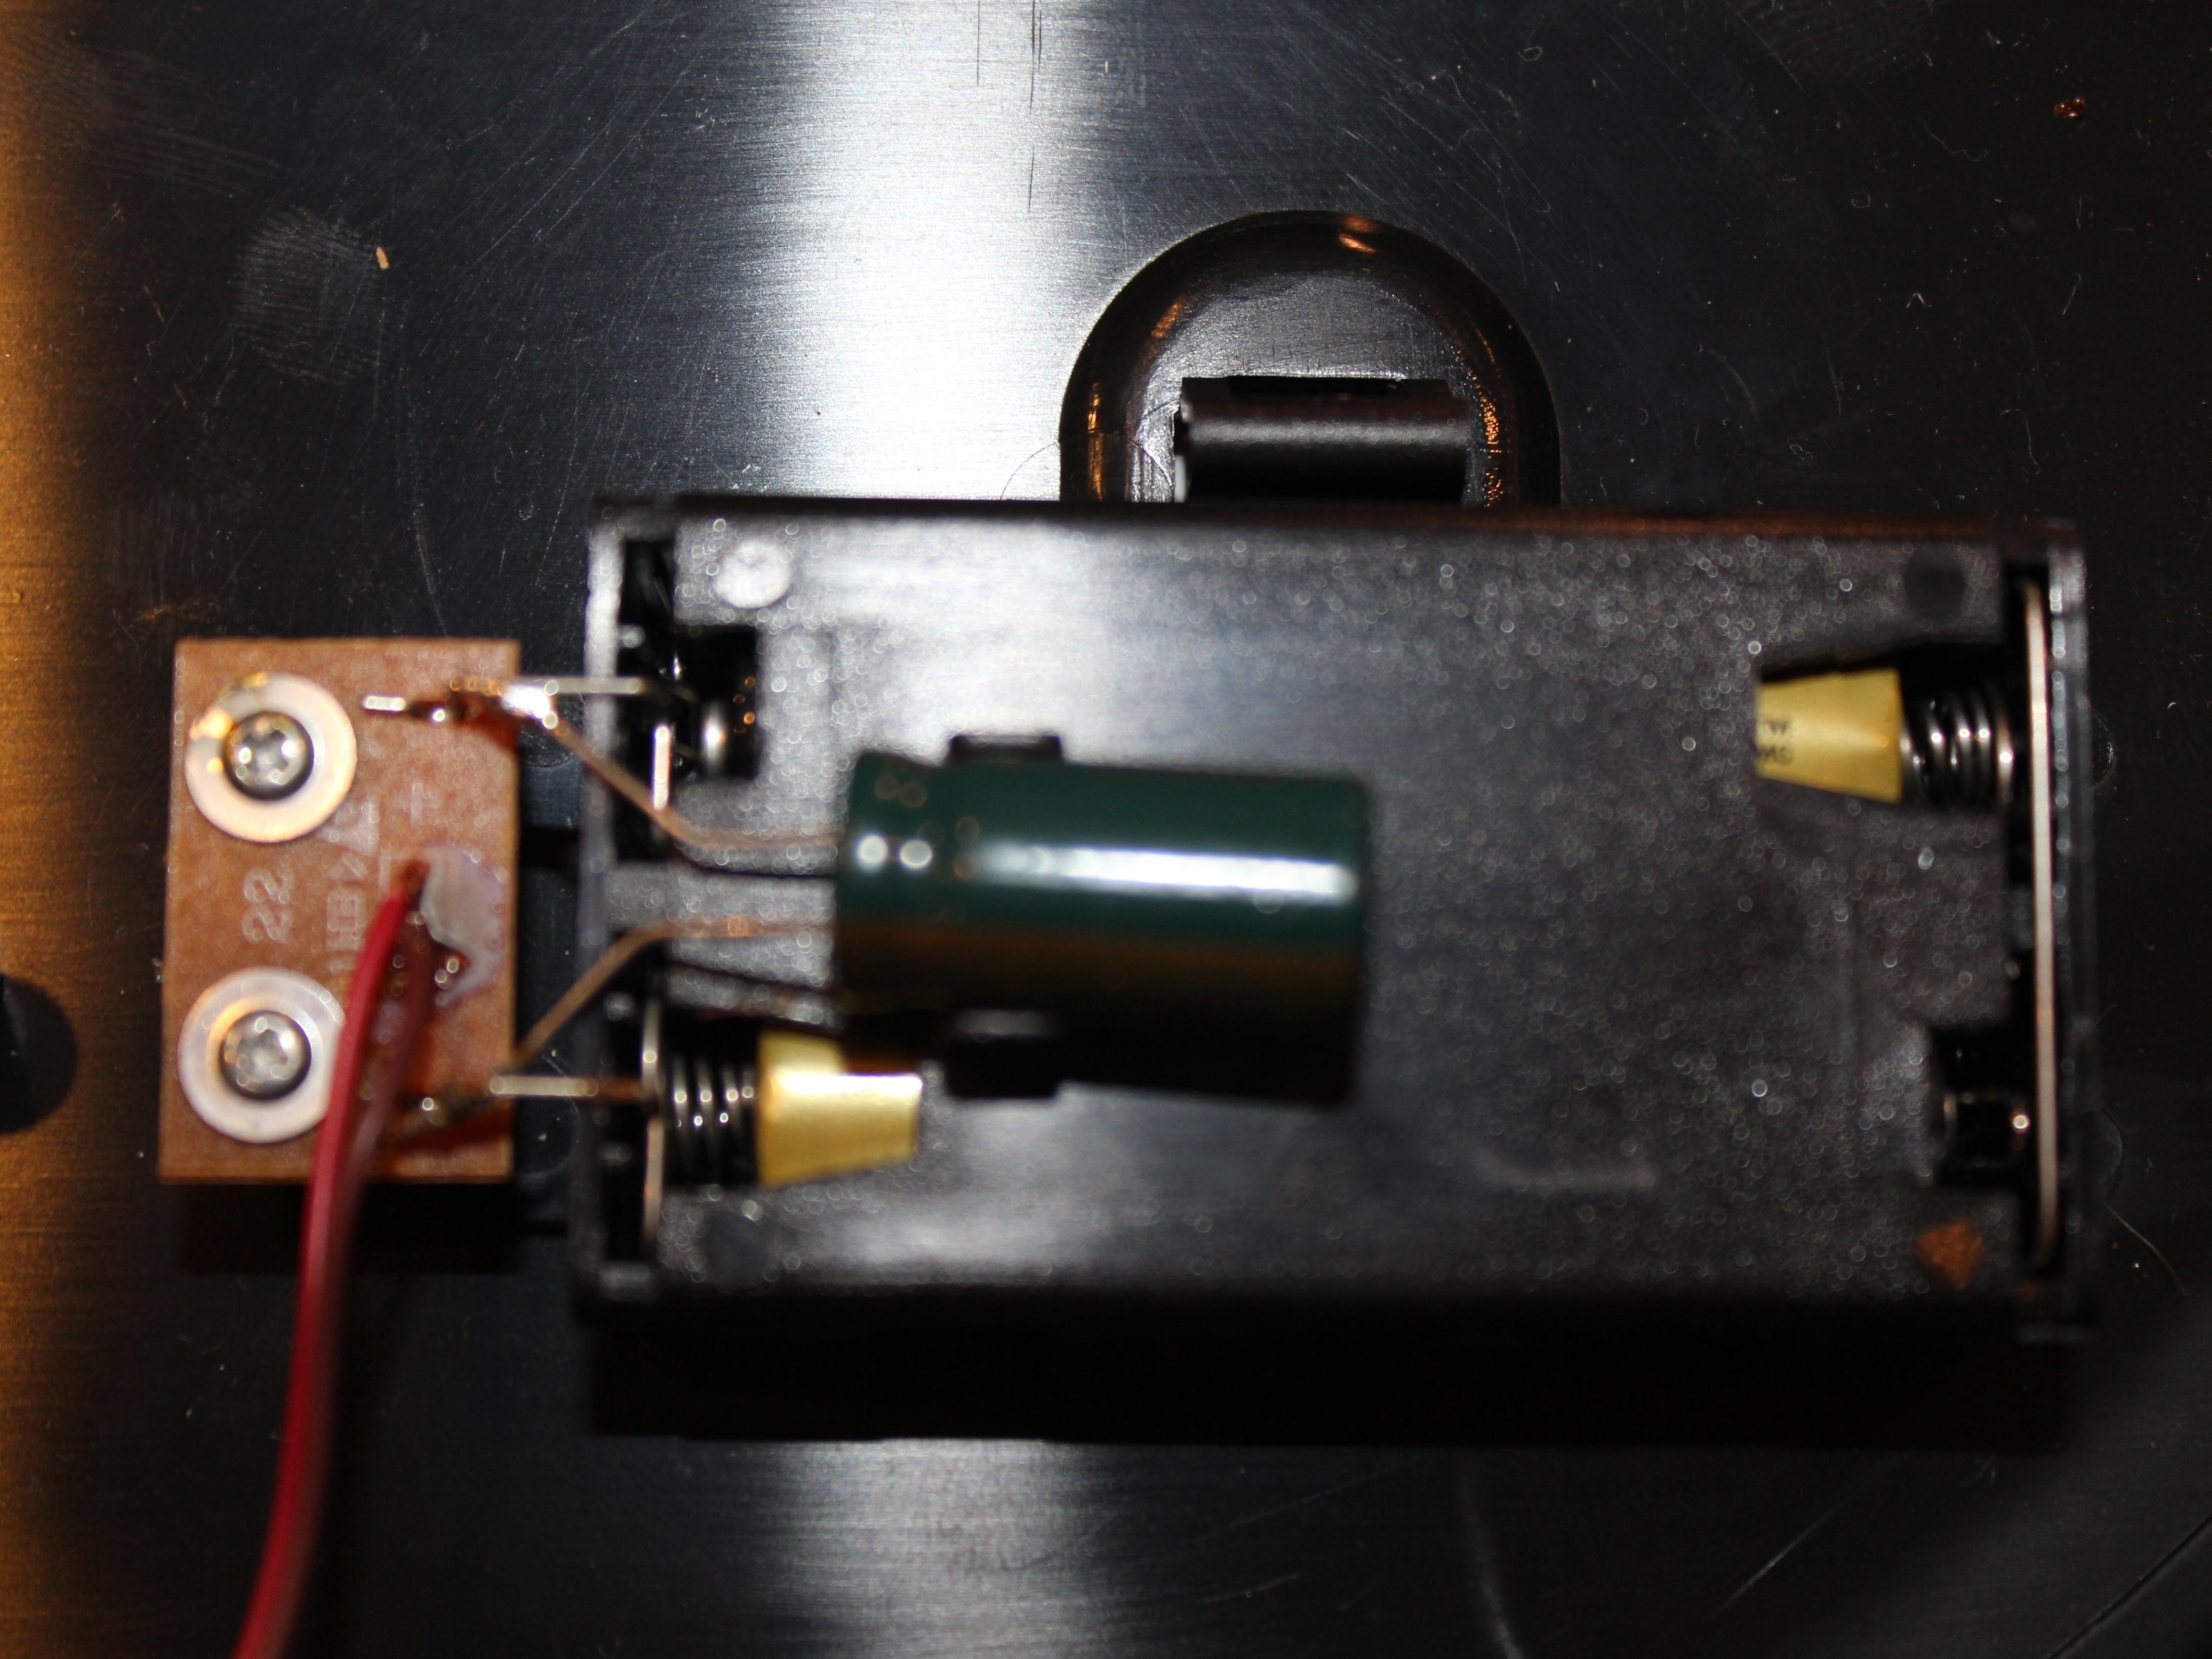 xNkuNPQW52HAeLI5 guitar hero iii guitar repair ifixit guitar hero guitar wiring diagram at fashall.co